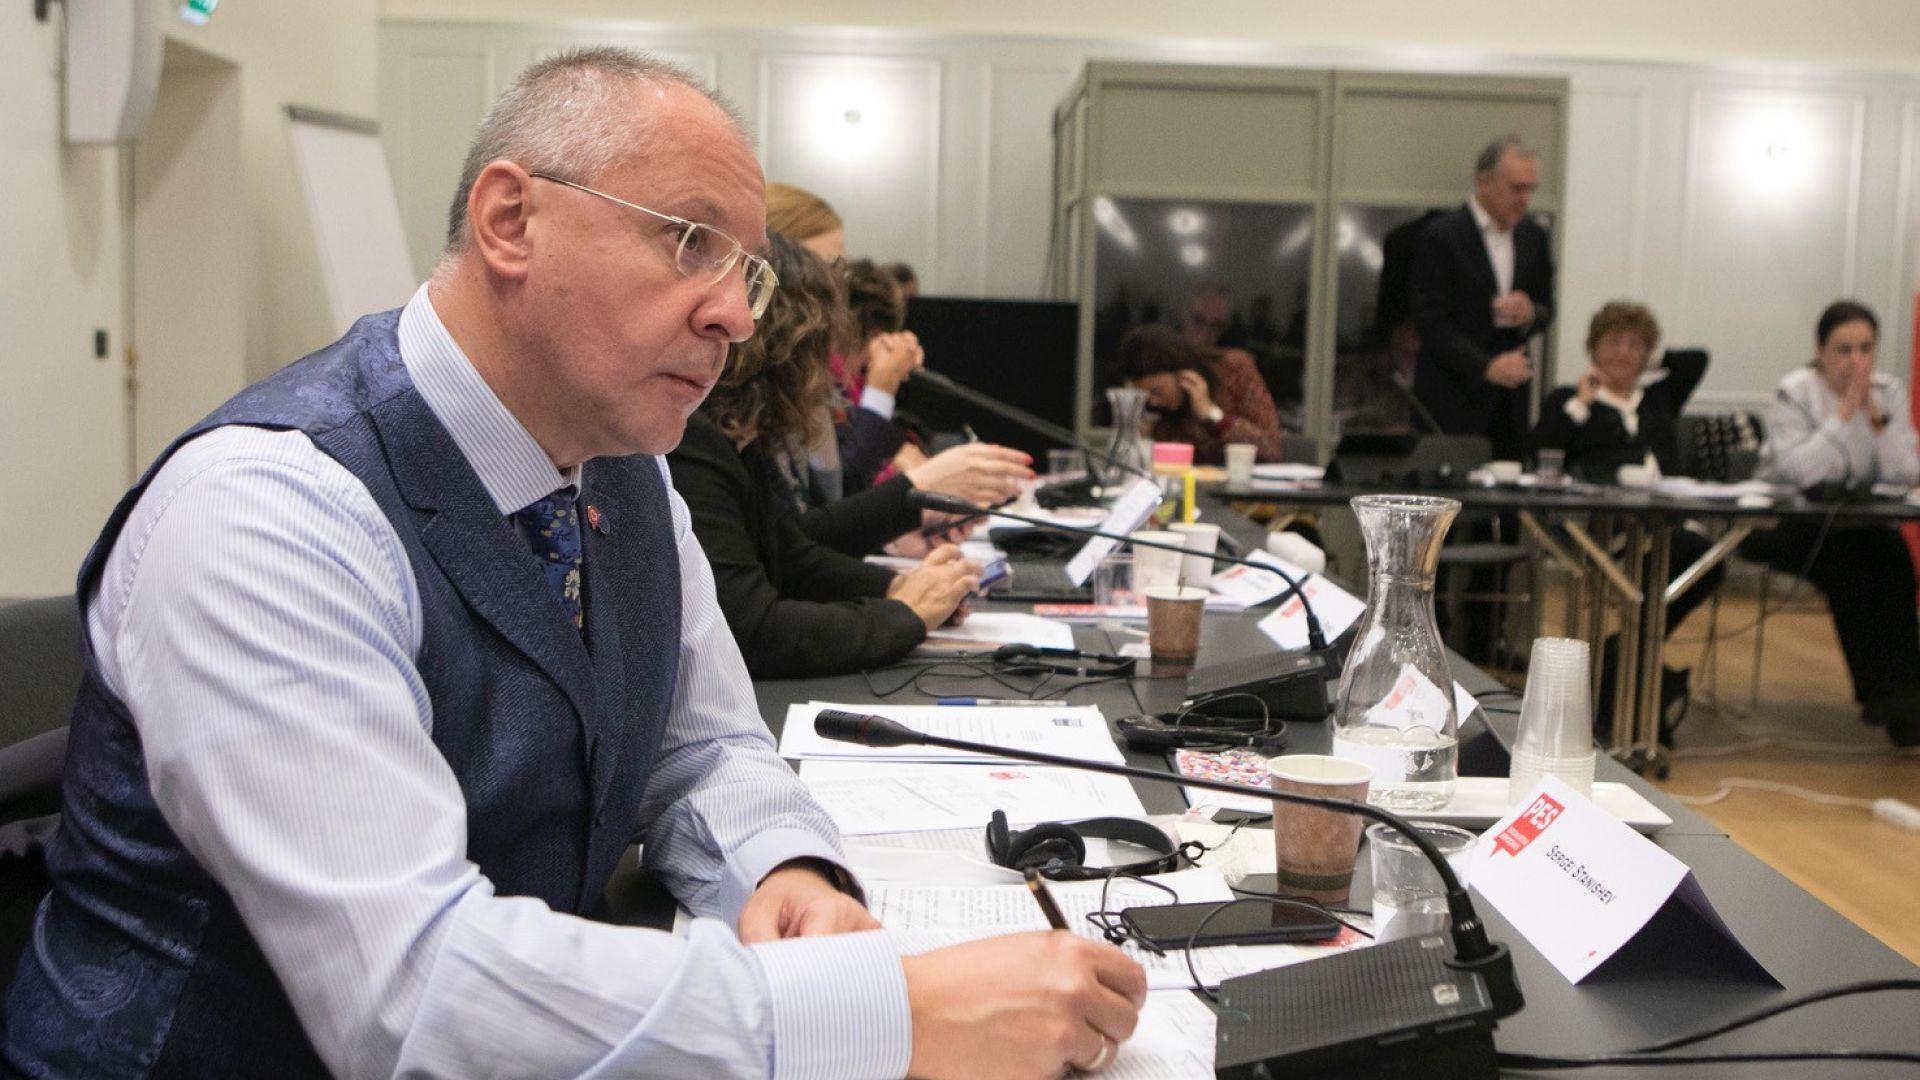 ПЕС: Oрязването на партийните субсидии е заплаха за демокрацията в България!